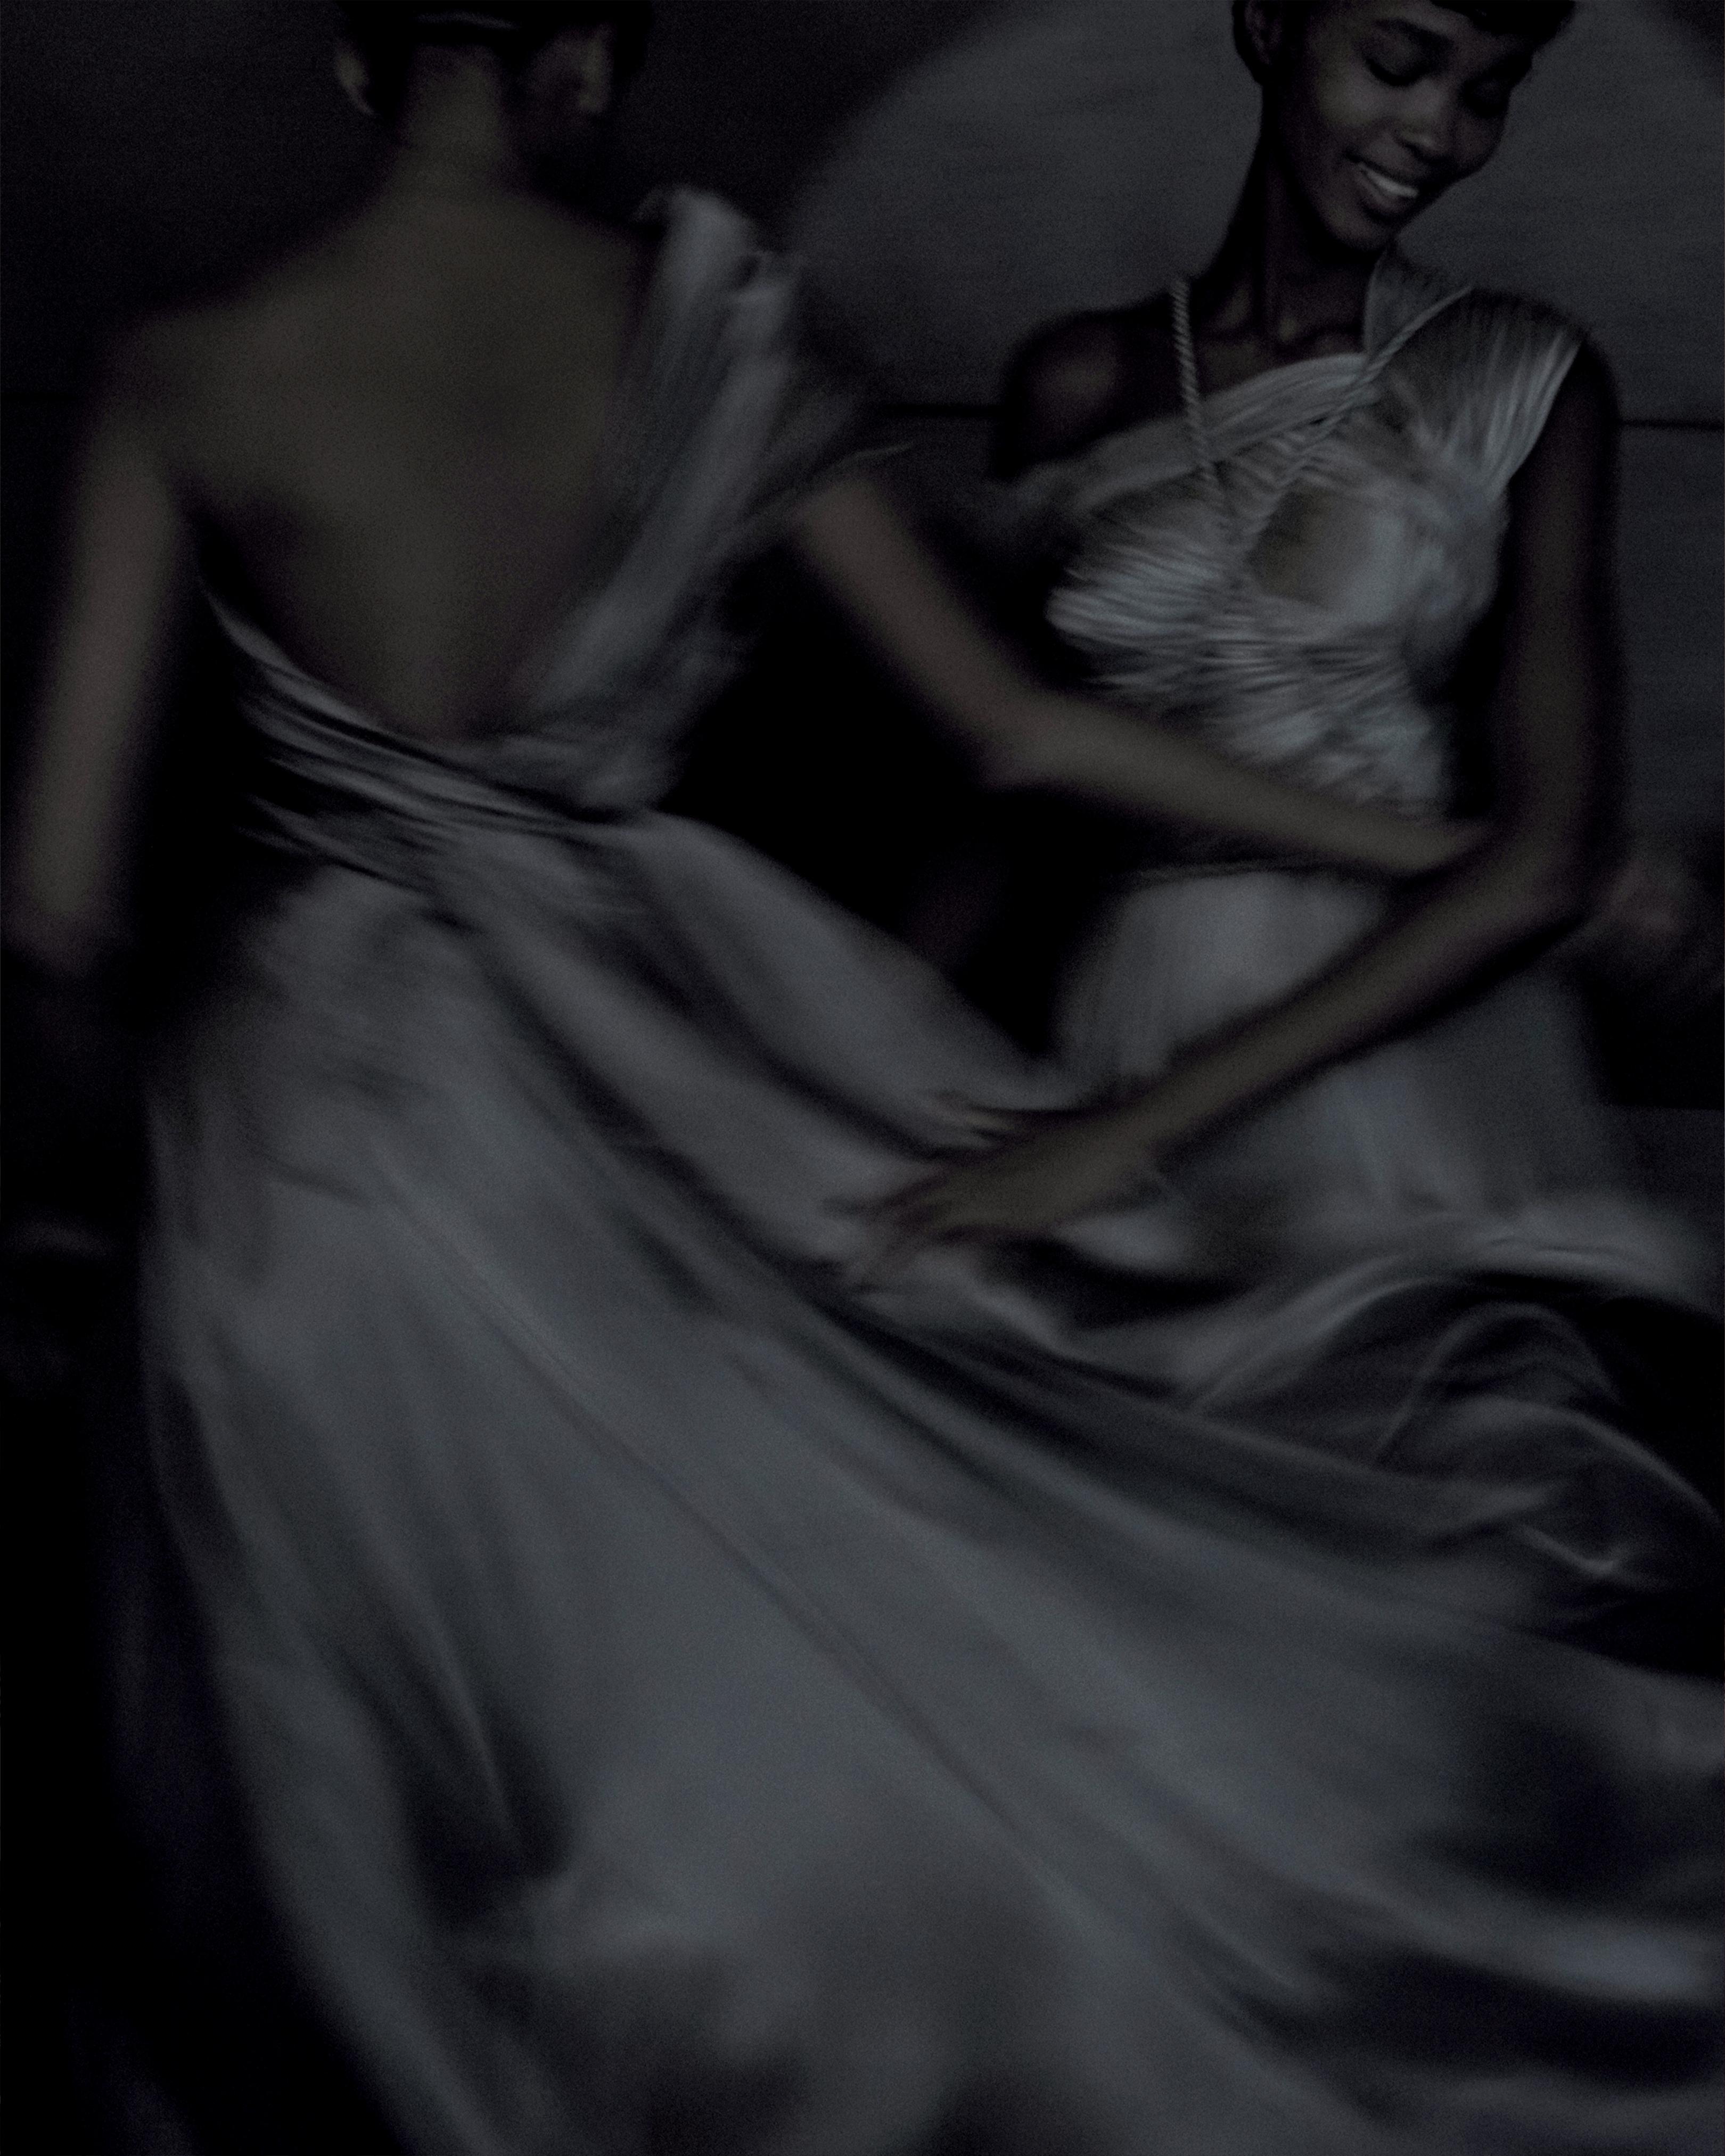 sarah-moon-her-dior-4_5